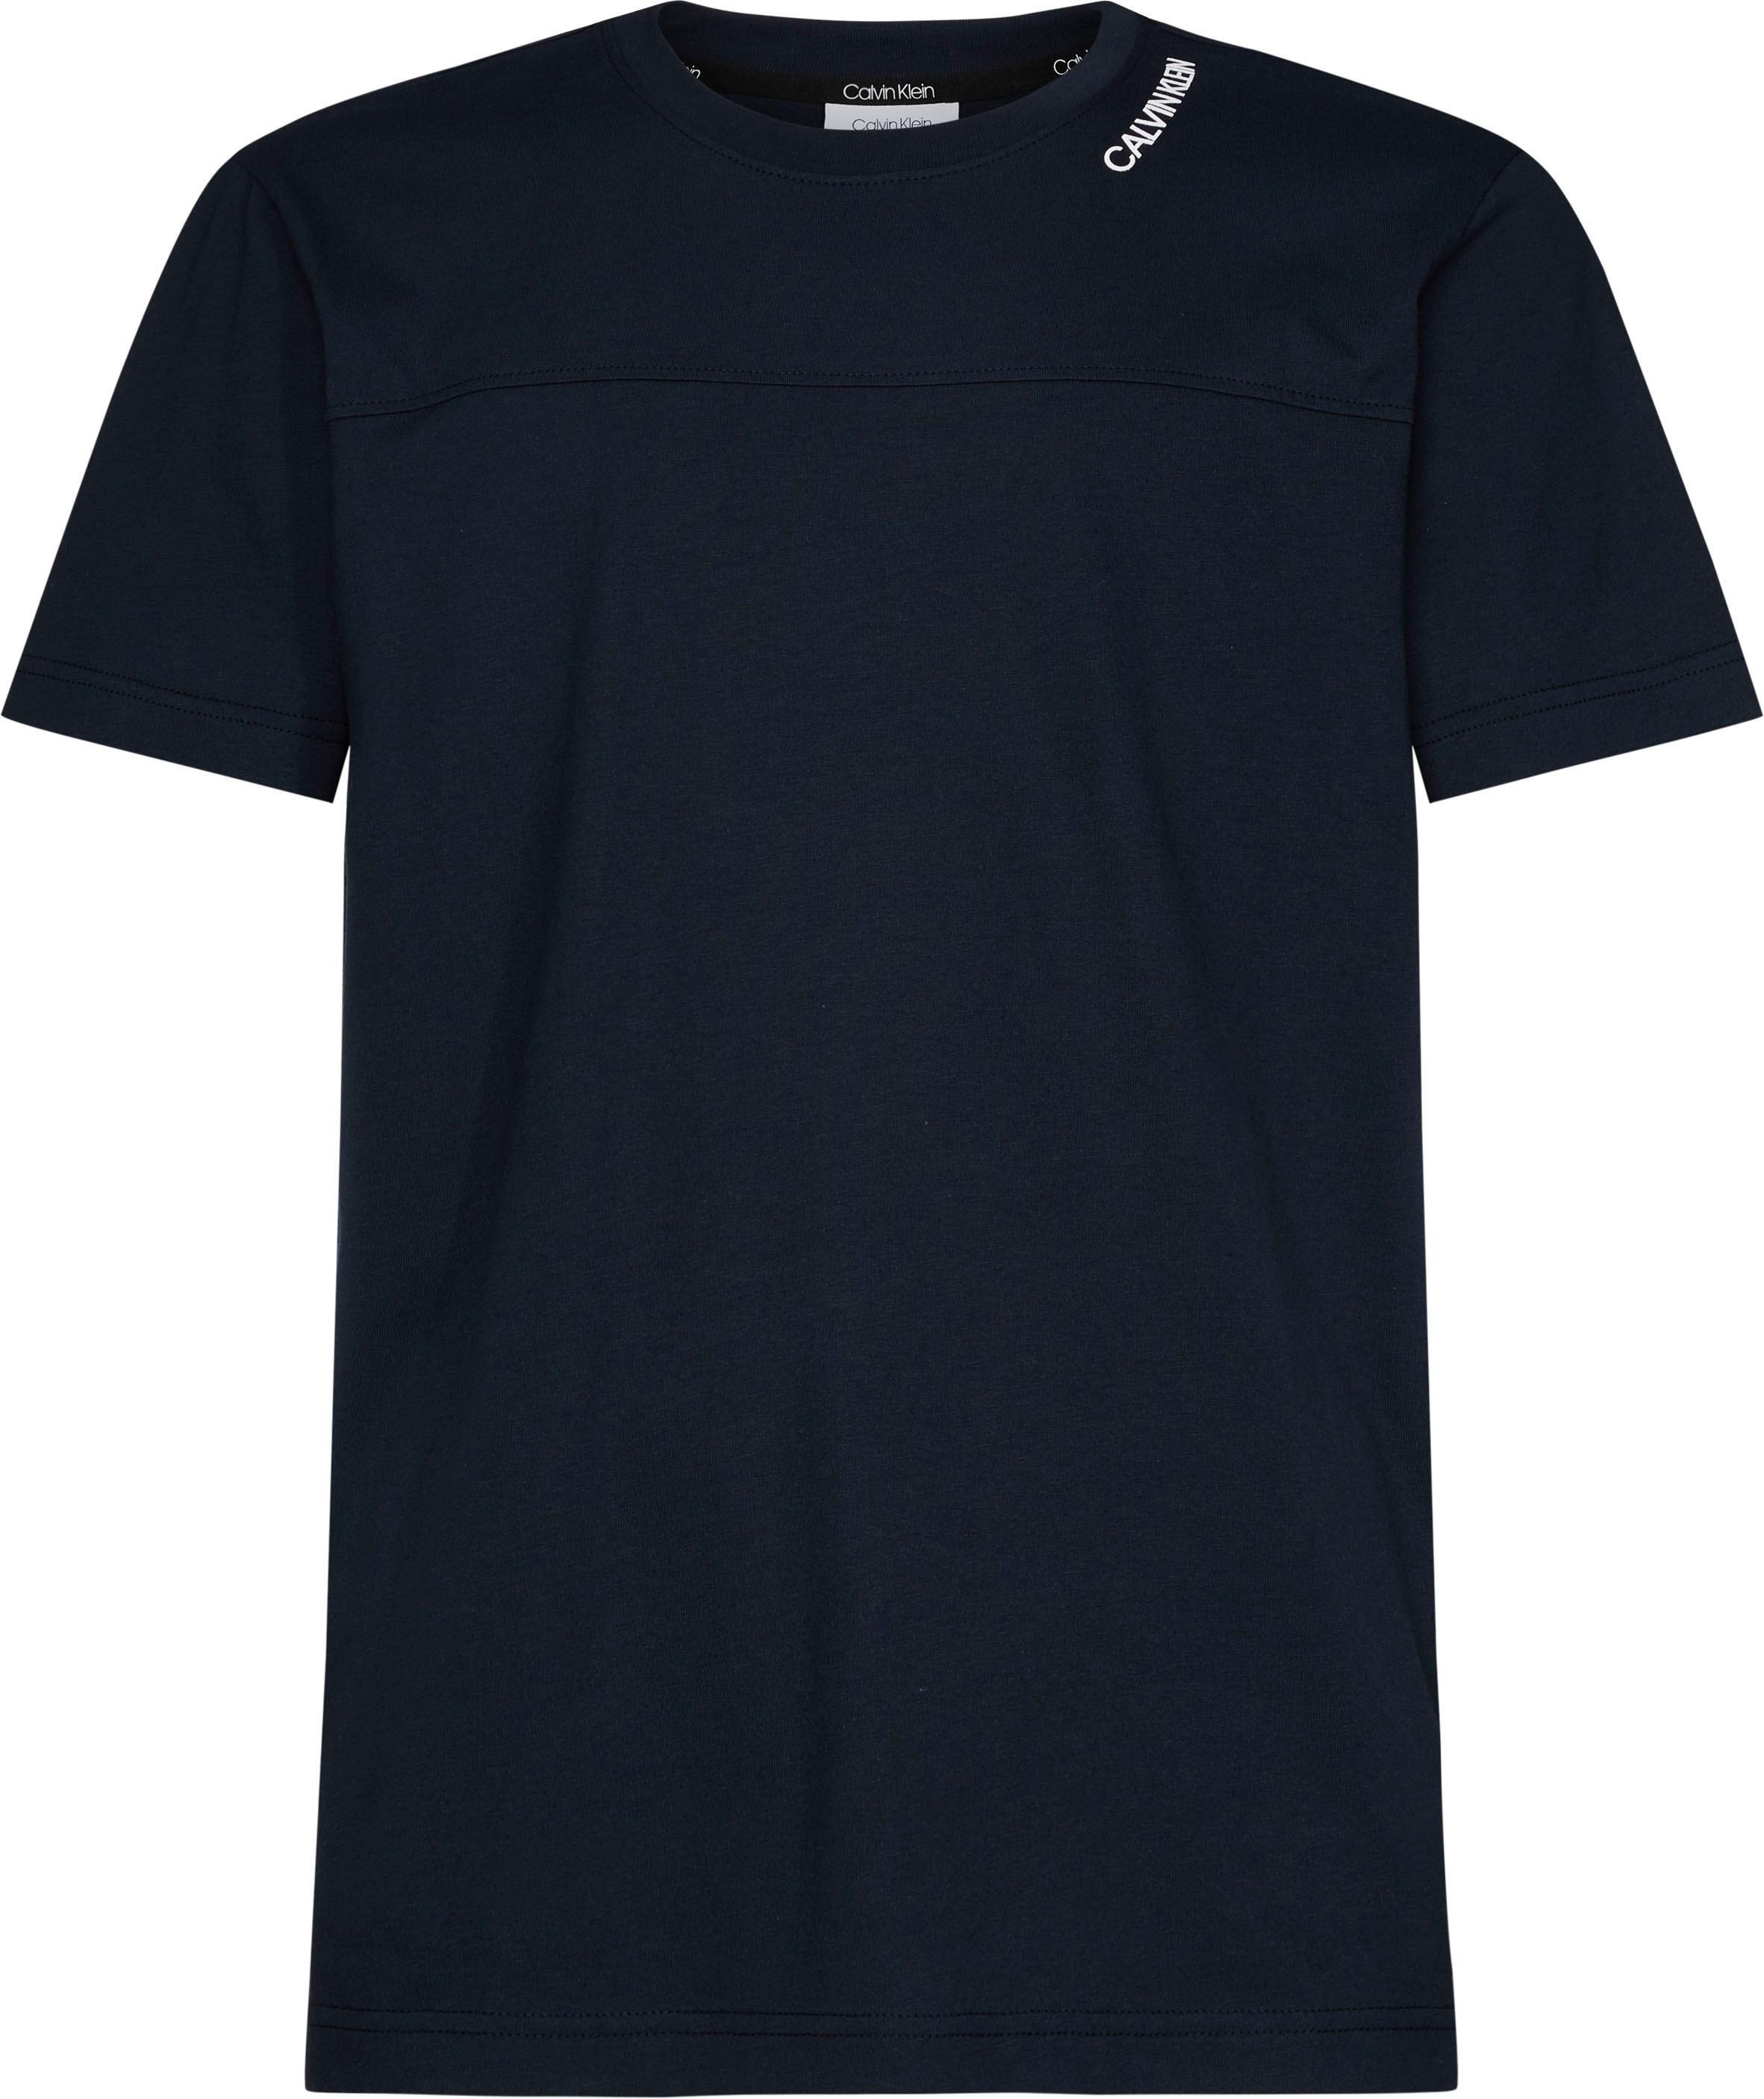 Calvin Klein T-shirt voordelig en veilig online kopen